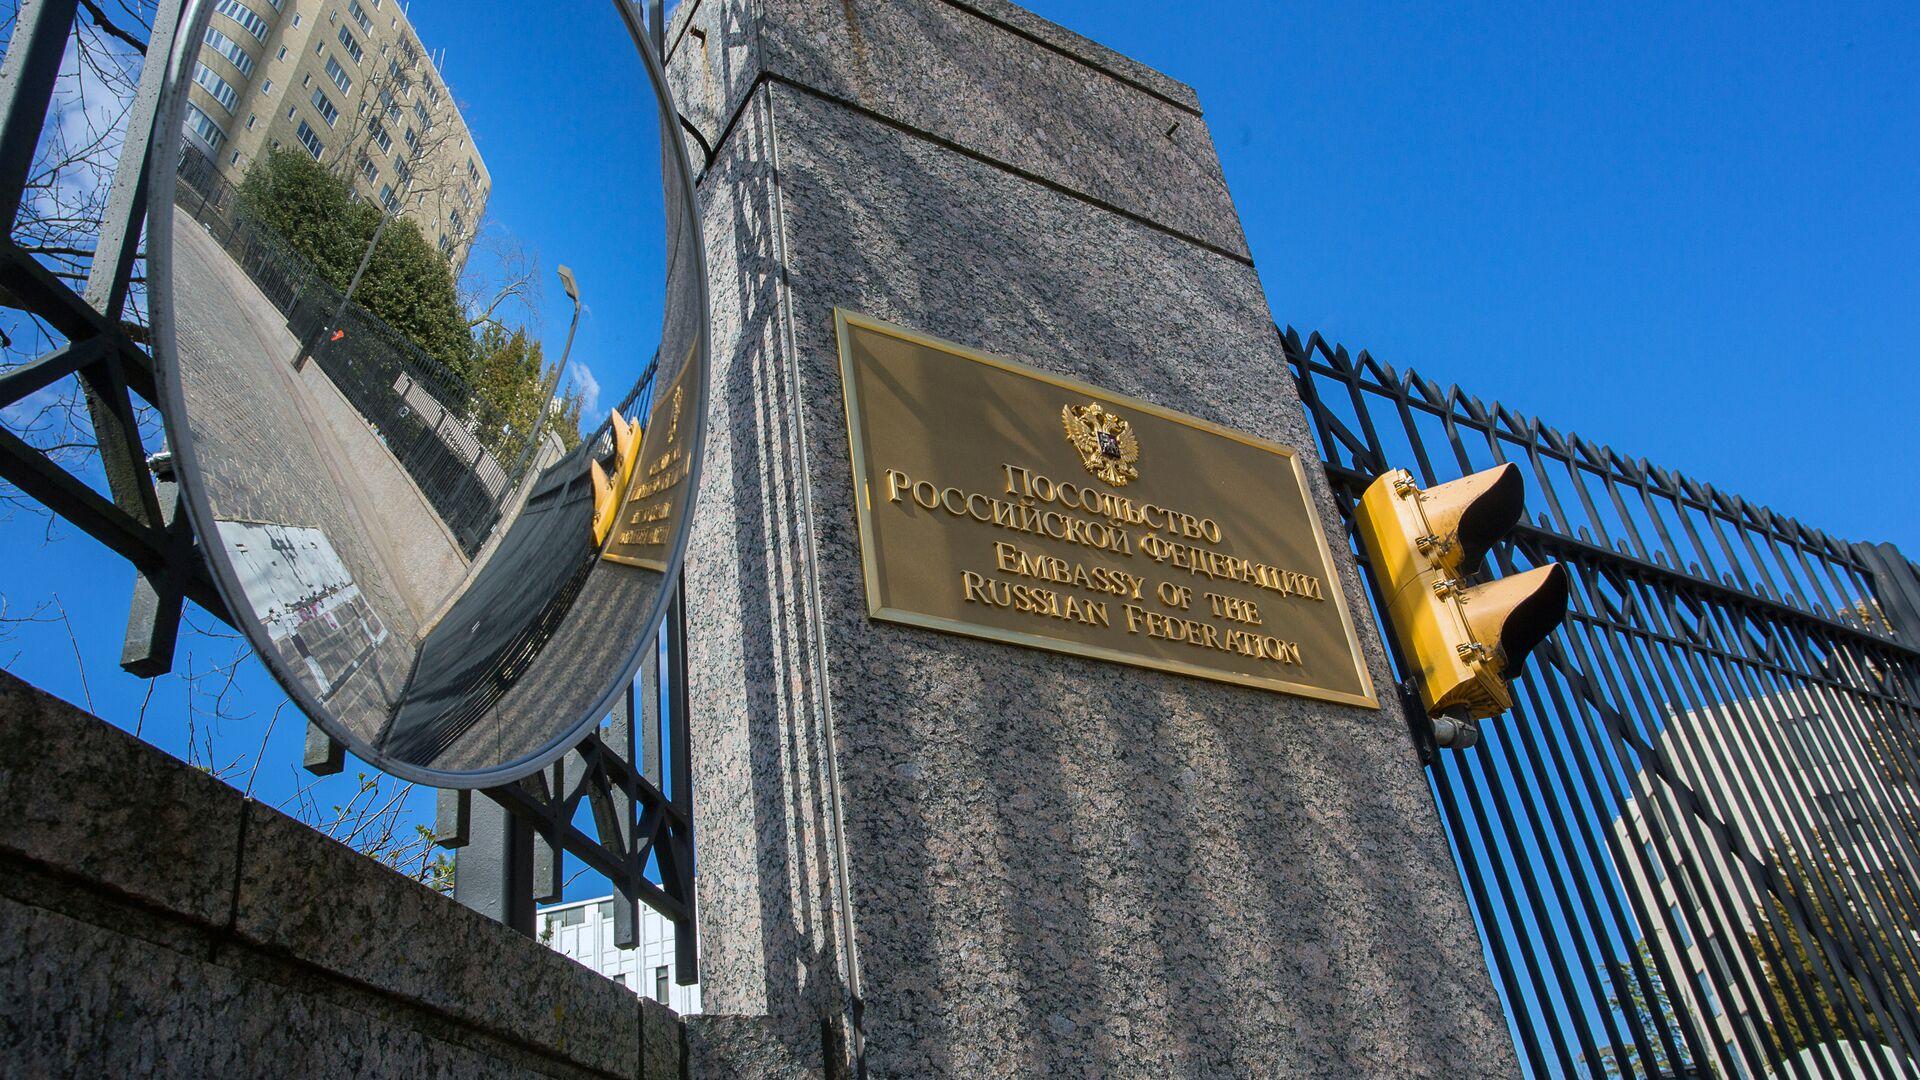 Посольство Российской Федерации в Вашингтоне - РИА Новости, 1920, 07.04.2021